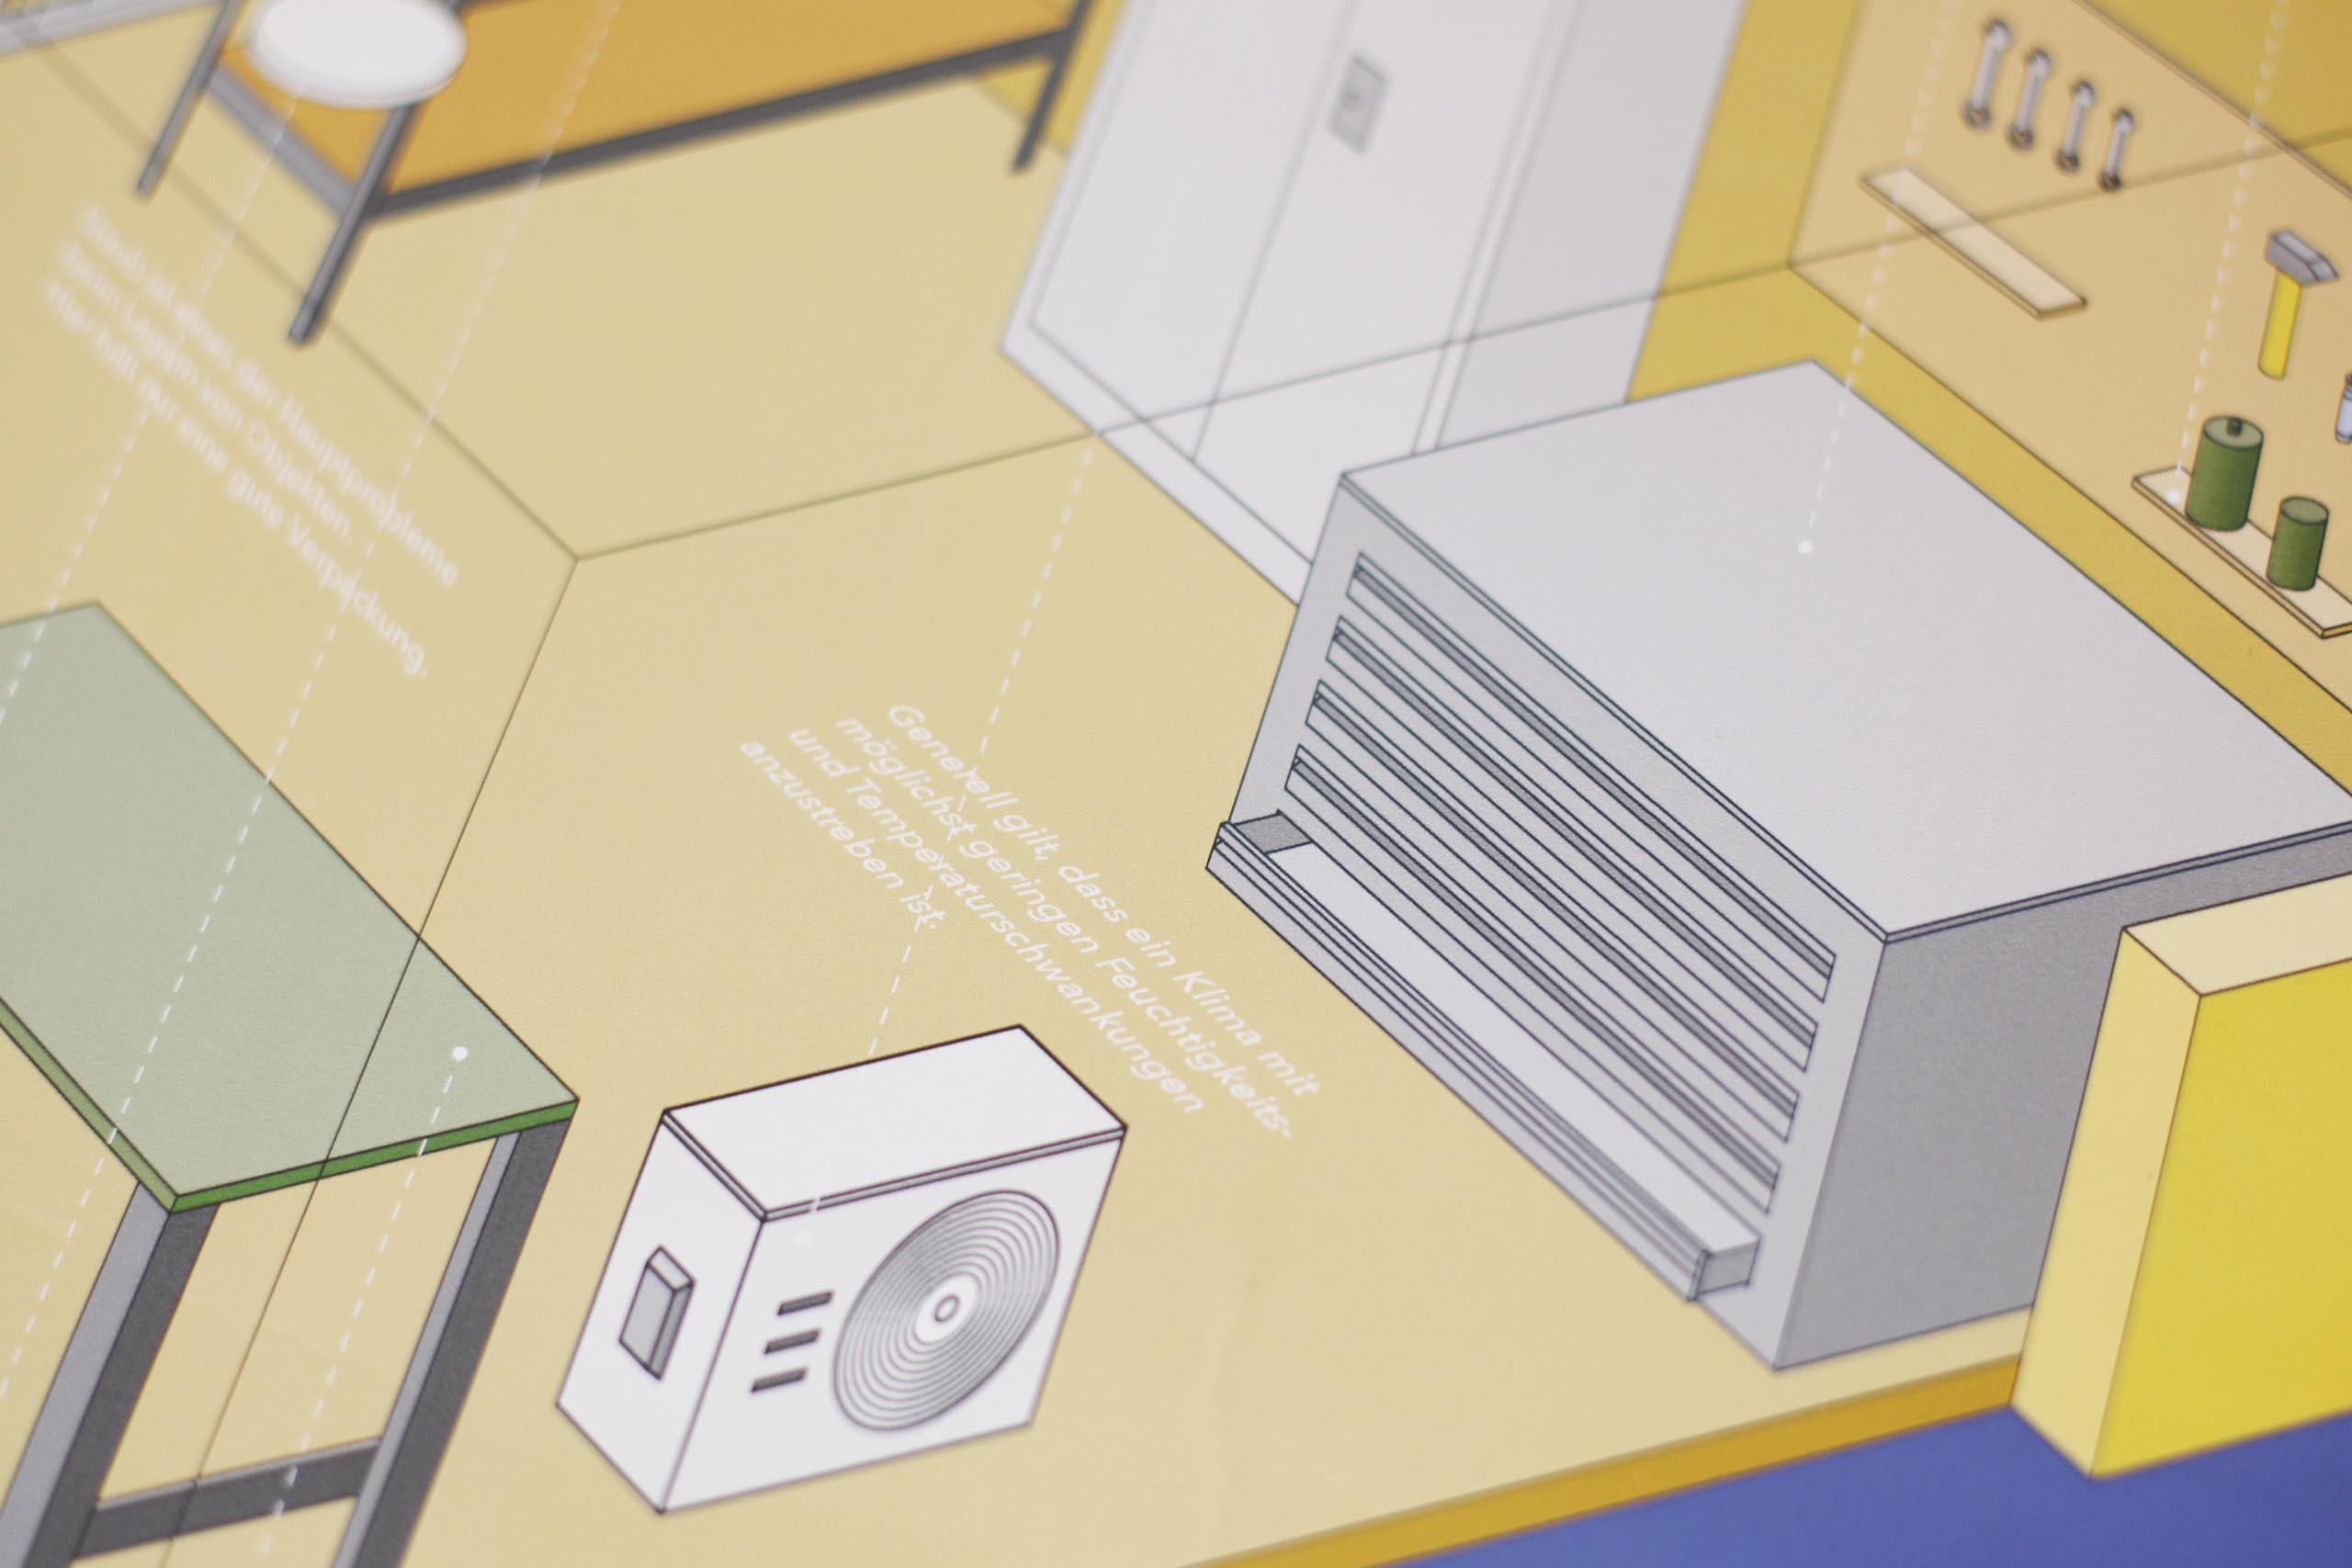 blue yellow information graphic kunst bewahren on blue background detail